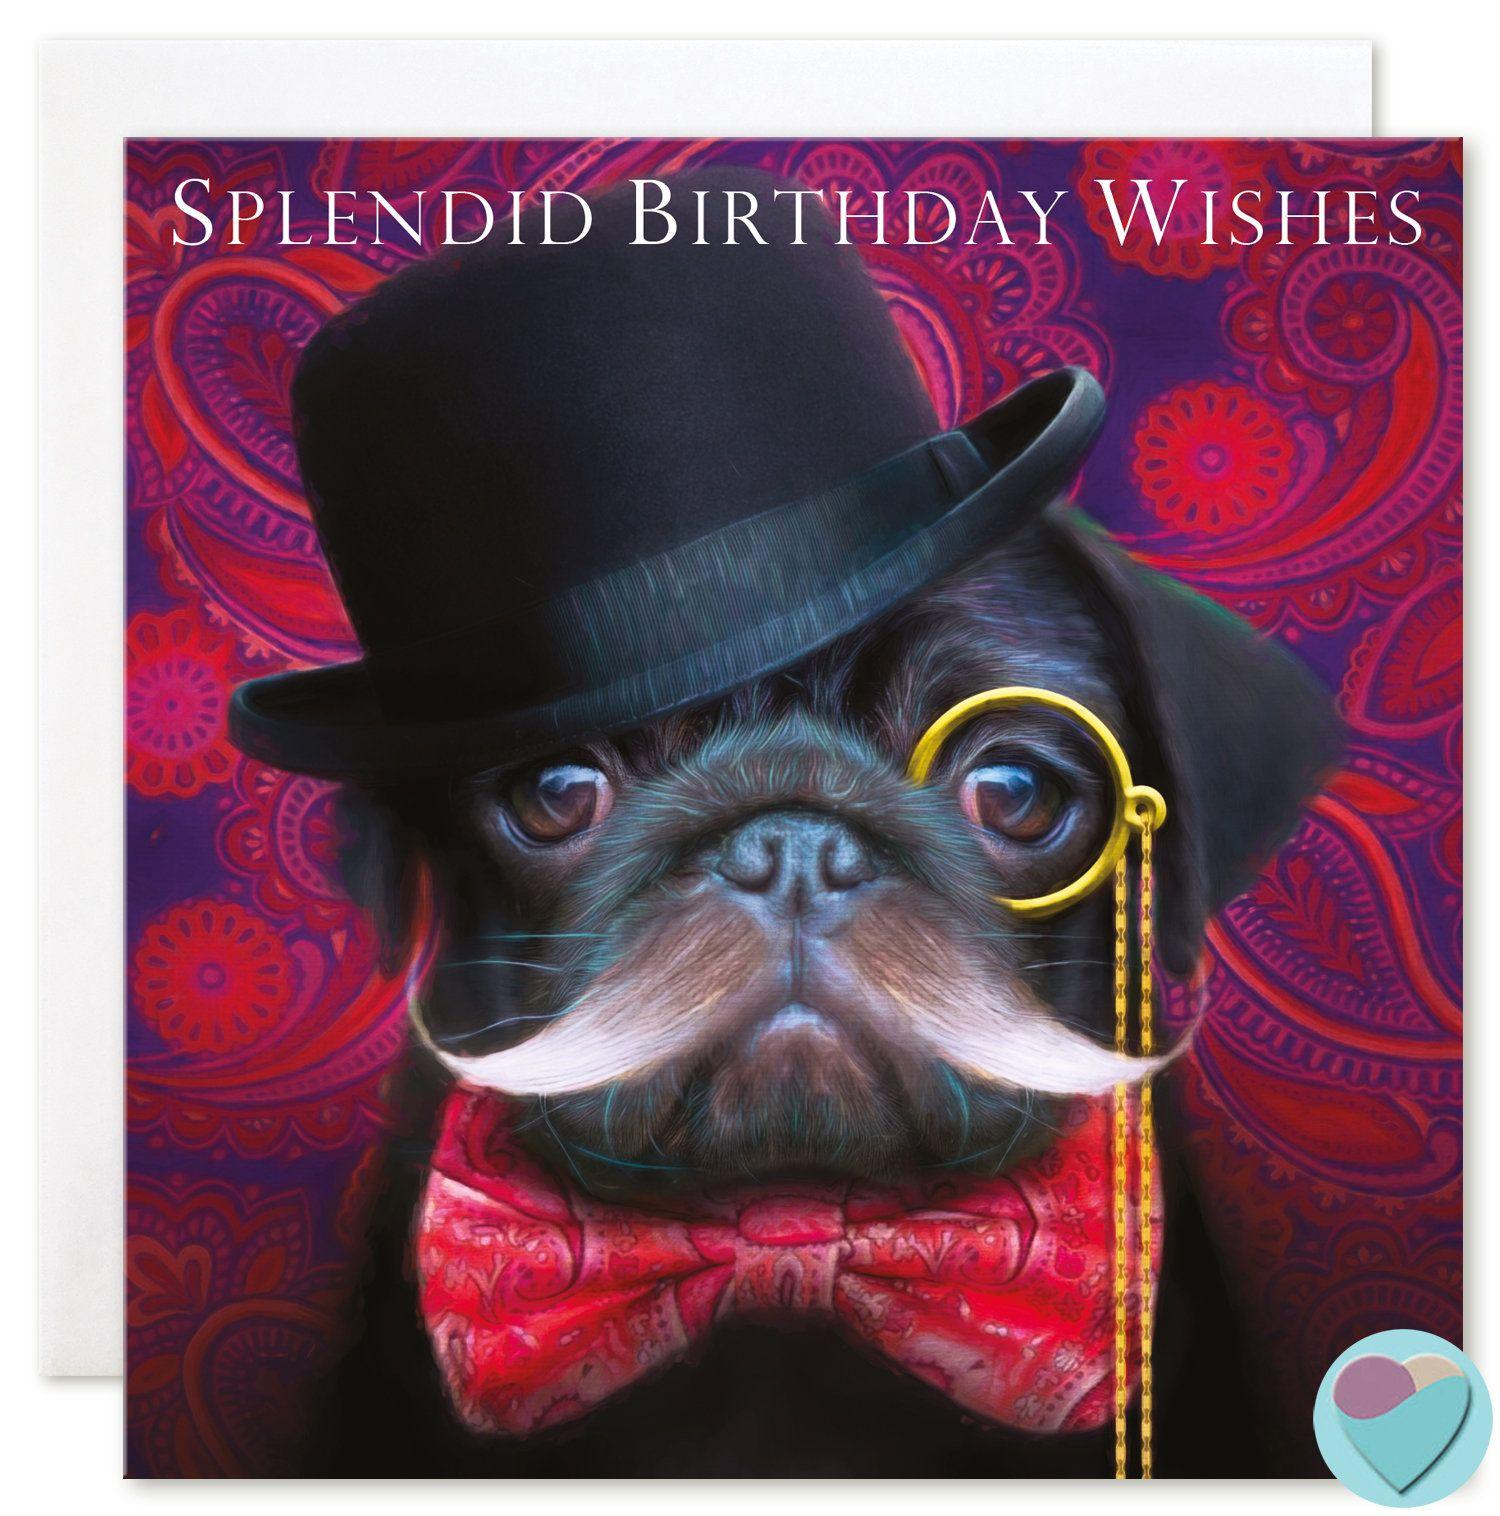 Black Pug Birthday Card For All Splendid Birthday Wishes Juniperlove Black Pug Black Pug Puppies Pug Dog Puppy